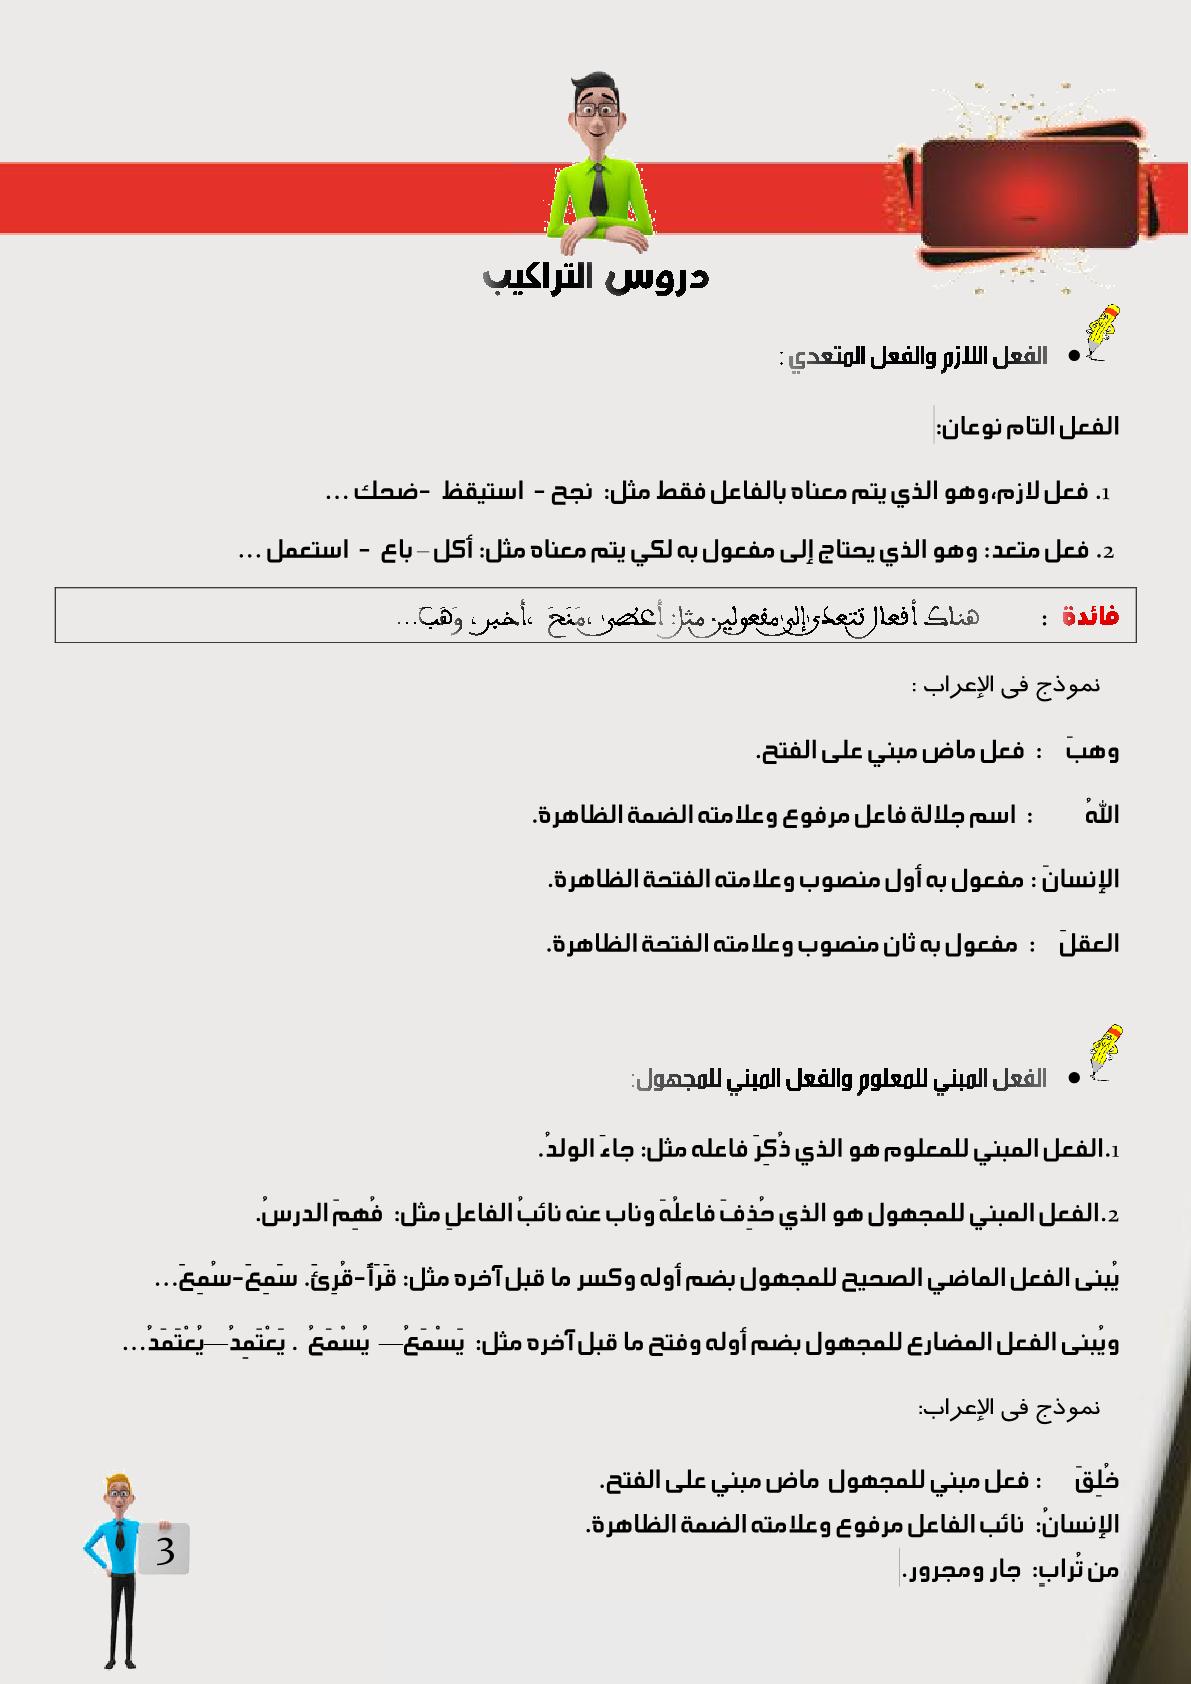 دروس التراكيب بمادة اللغة العربية للمستوى السادس ابتدائي